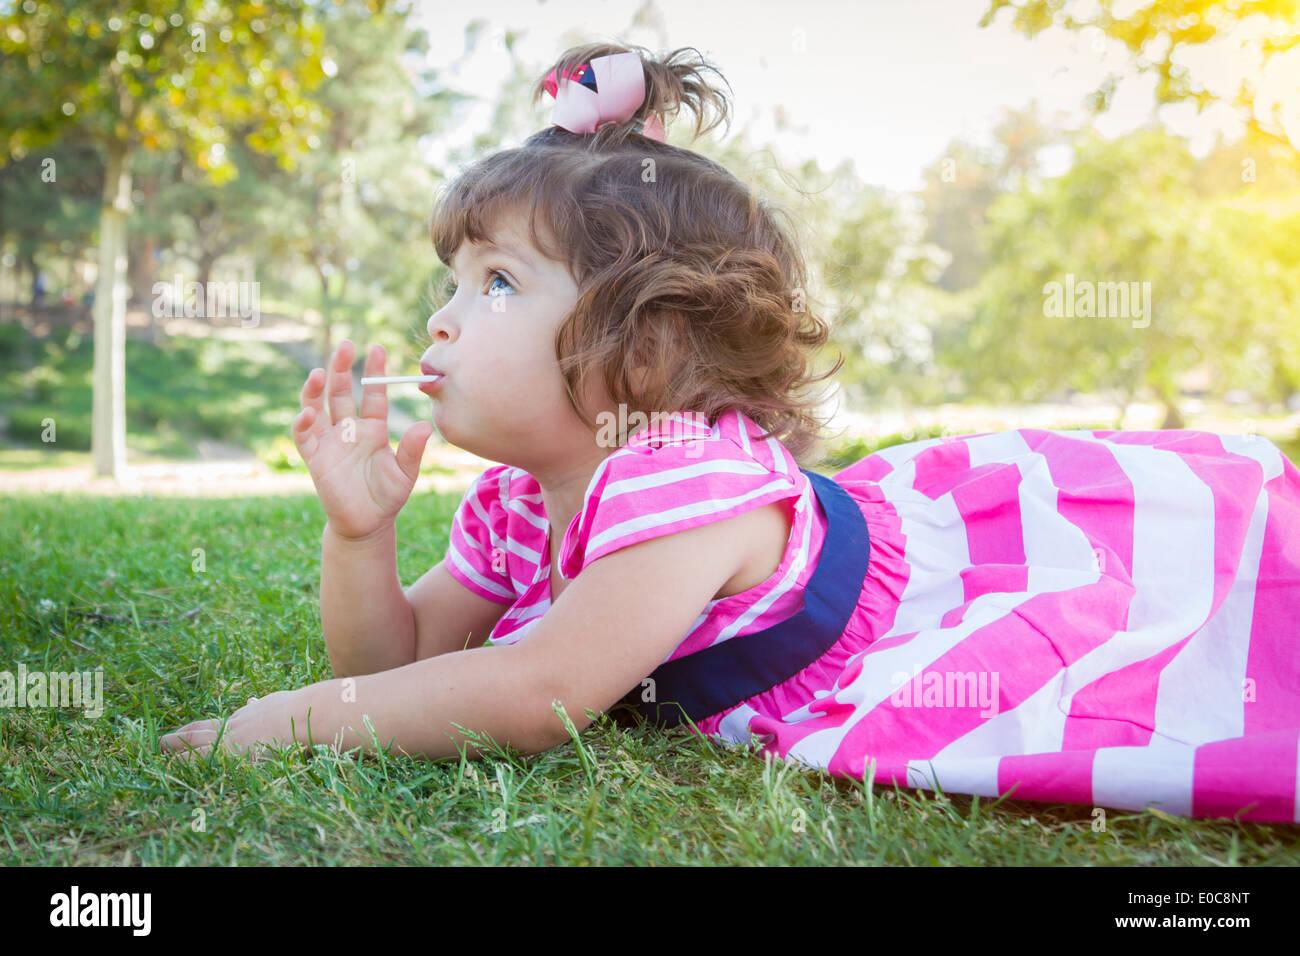 Cute Baby Girl ihr Lollipop-Natur genießen. Stockbild